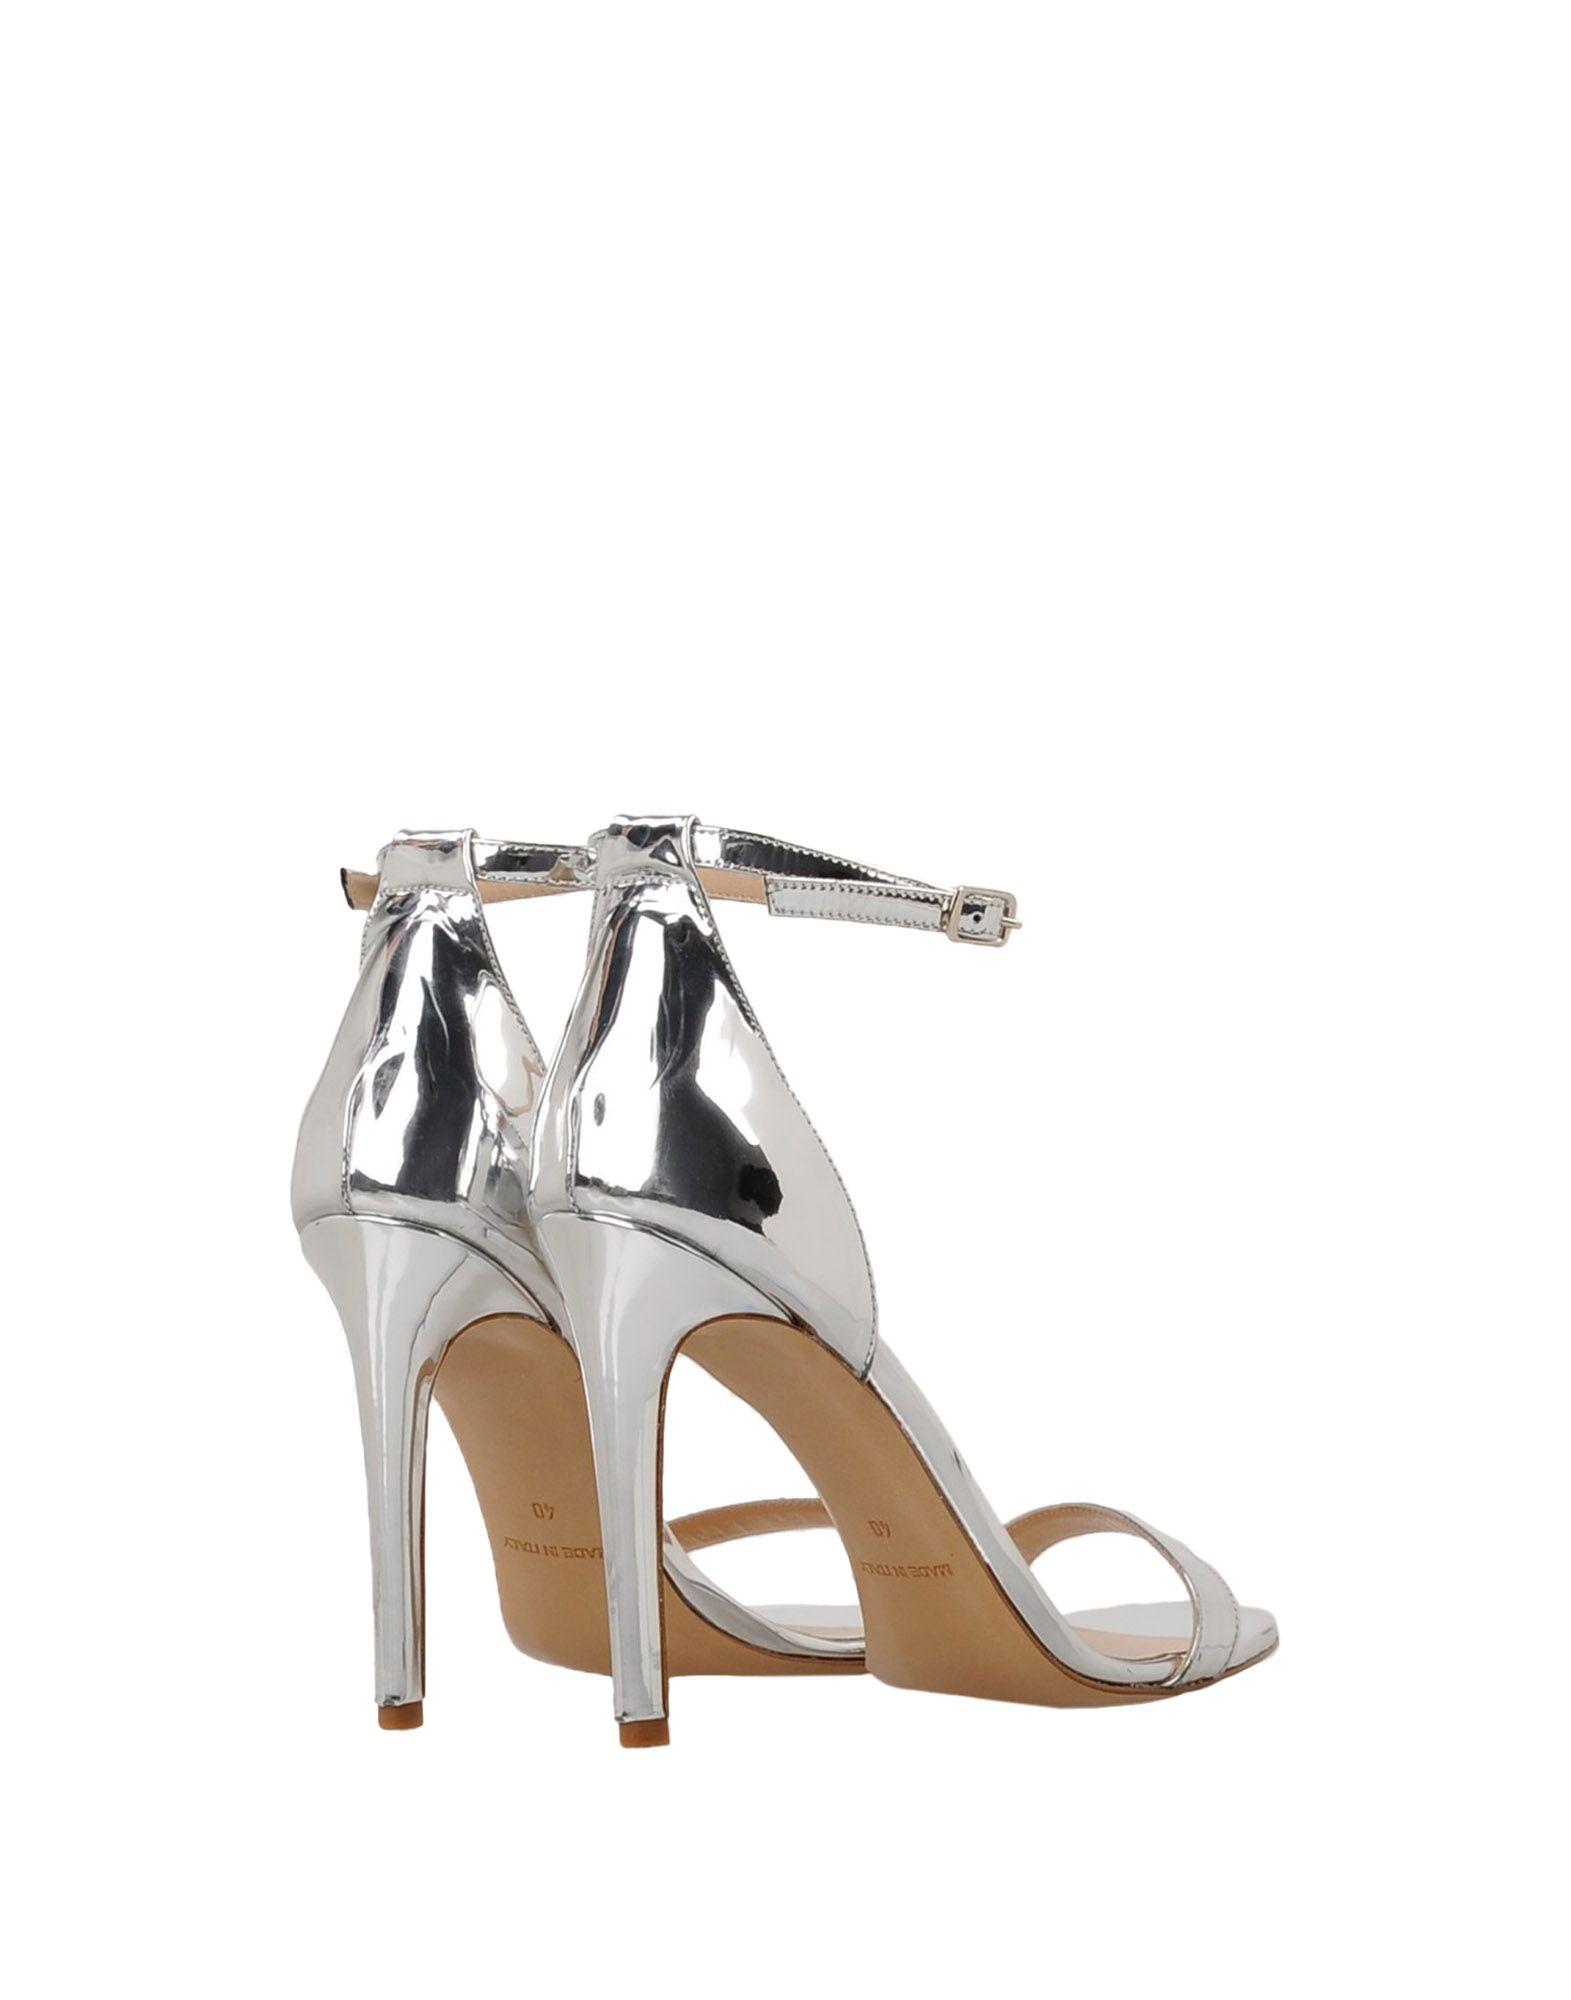 George J. Love Sandalen Damen  11428275IH Gute Qualität beliebte Schuhe